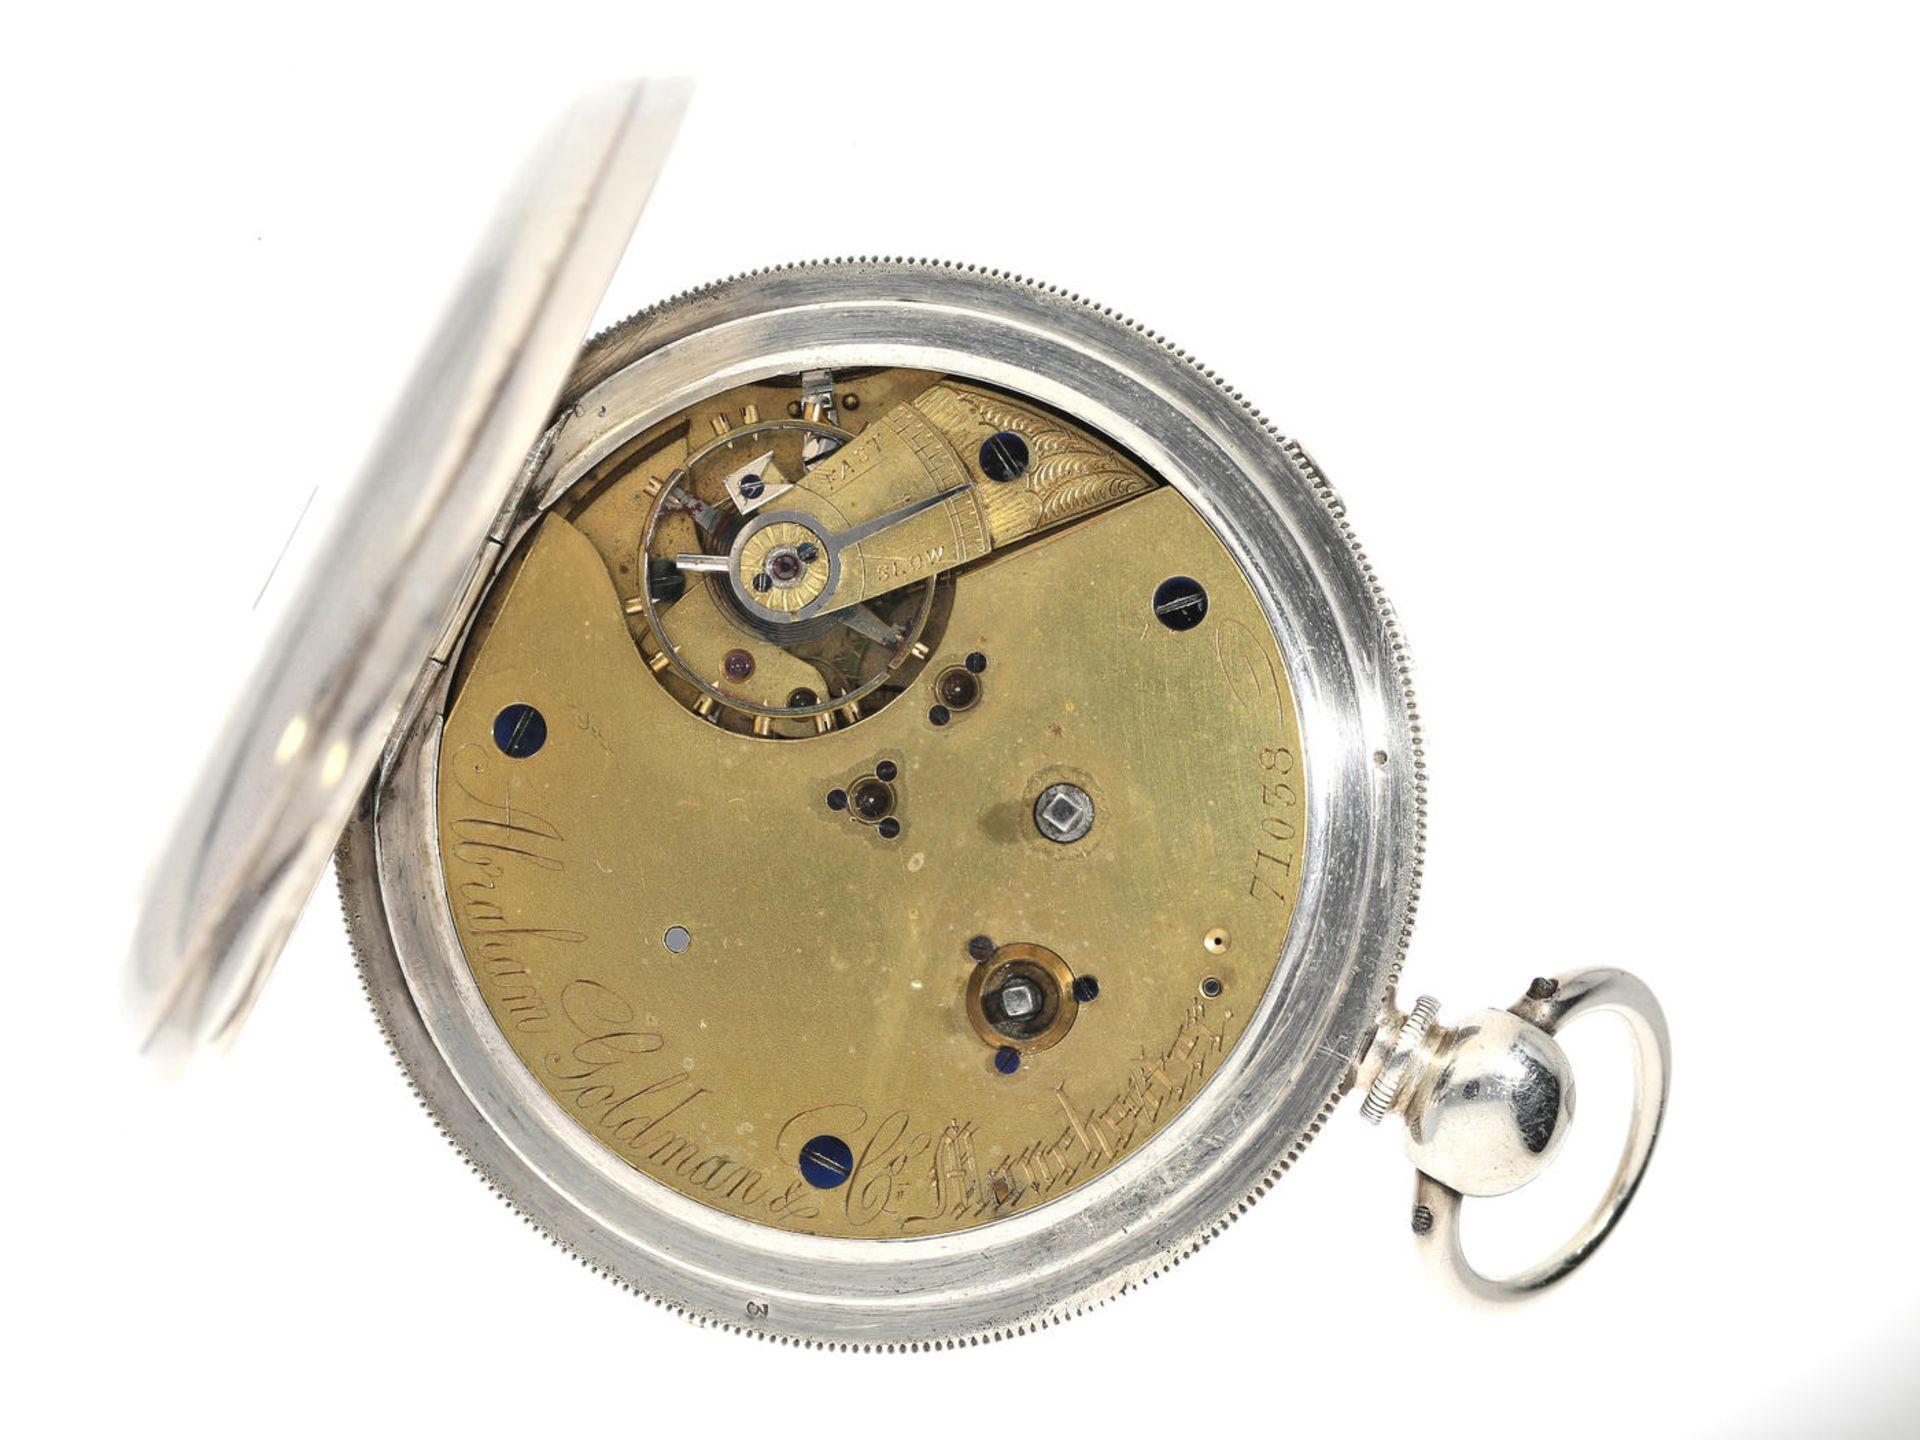 Taschenuhr: englische Beobachtungsuhr außergewöhnlicher Größe und Qualität, Abraham Goldman - Bild 2 aus 3